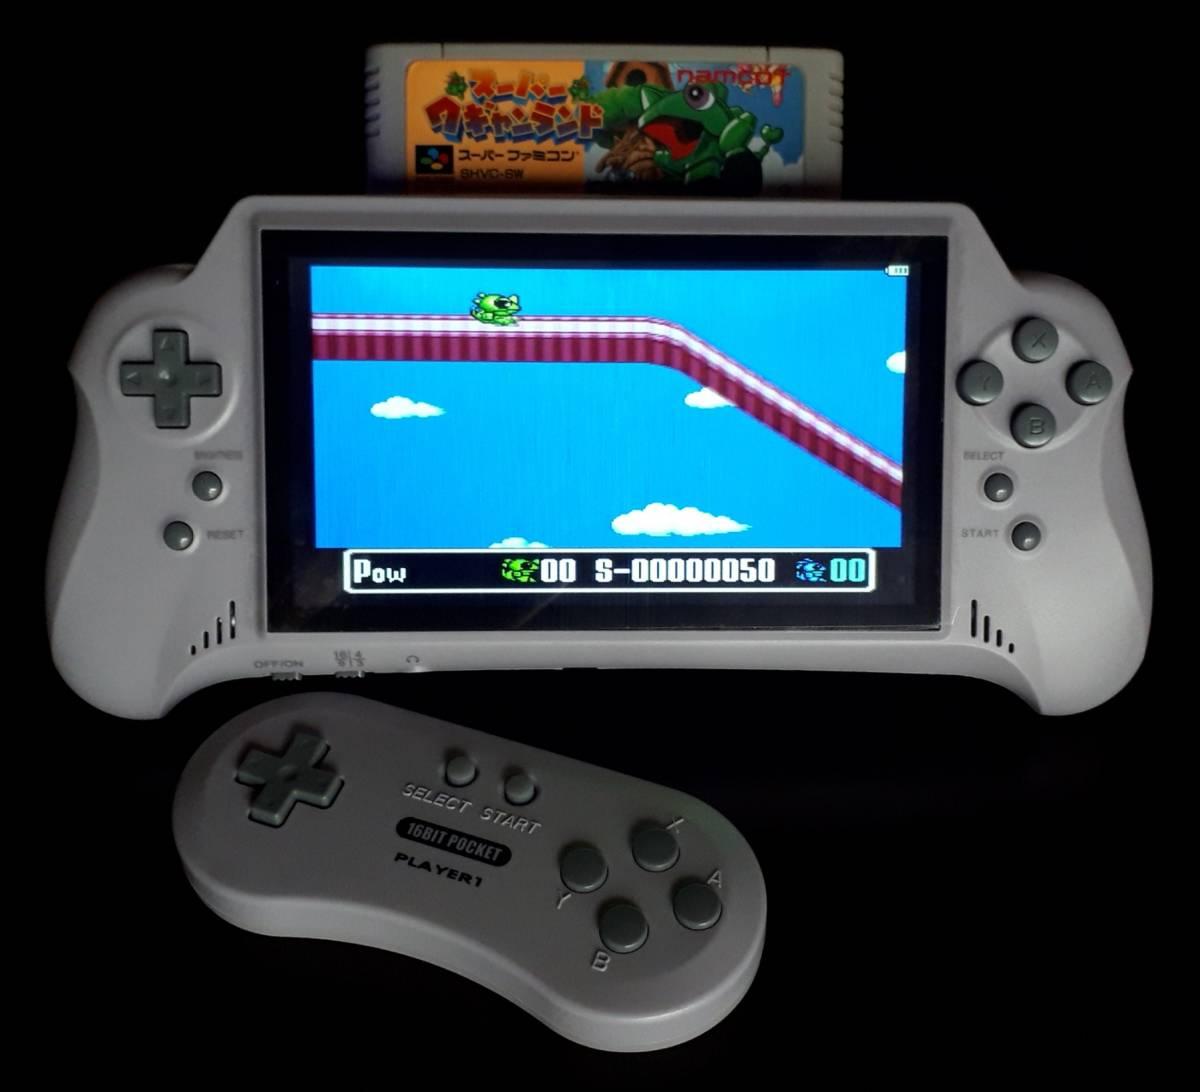 SFC用互換機 16ビットポケットHDMI  スーパーファミコンのソフトを遊ぶことができます_画像8